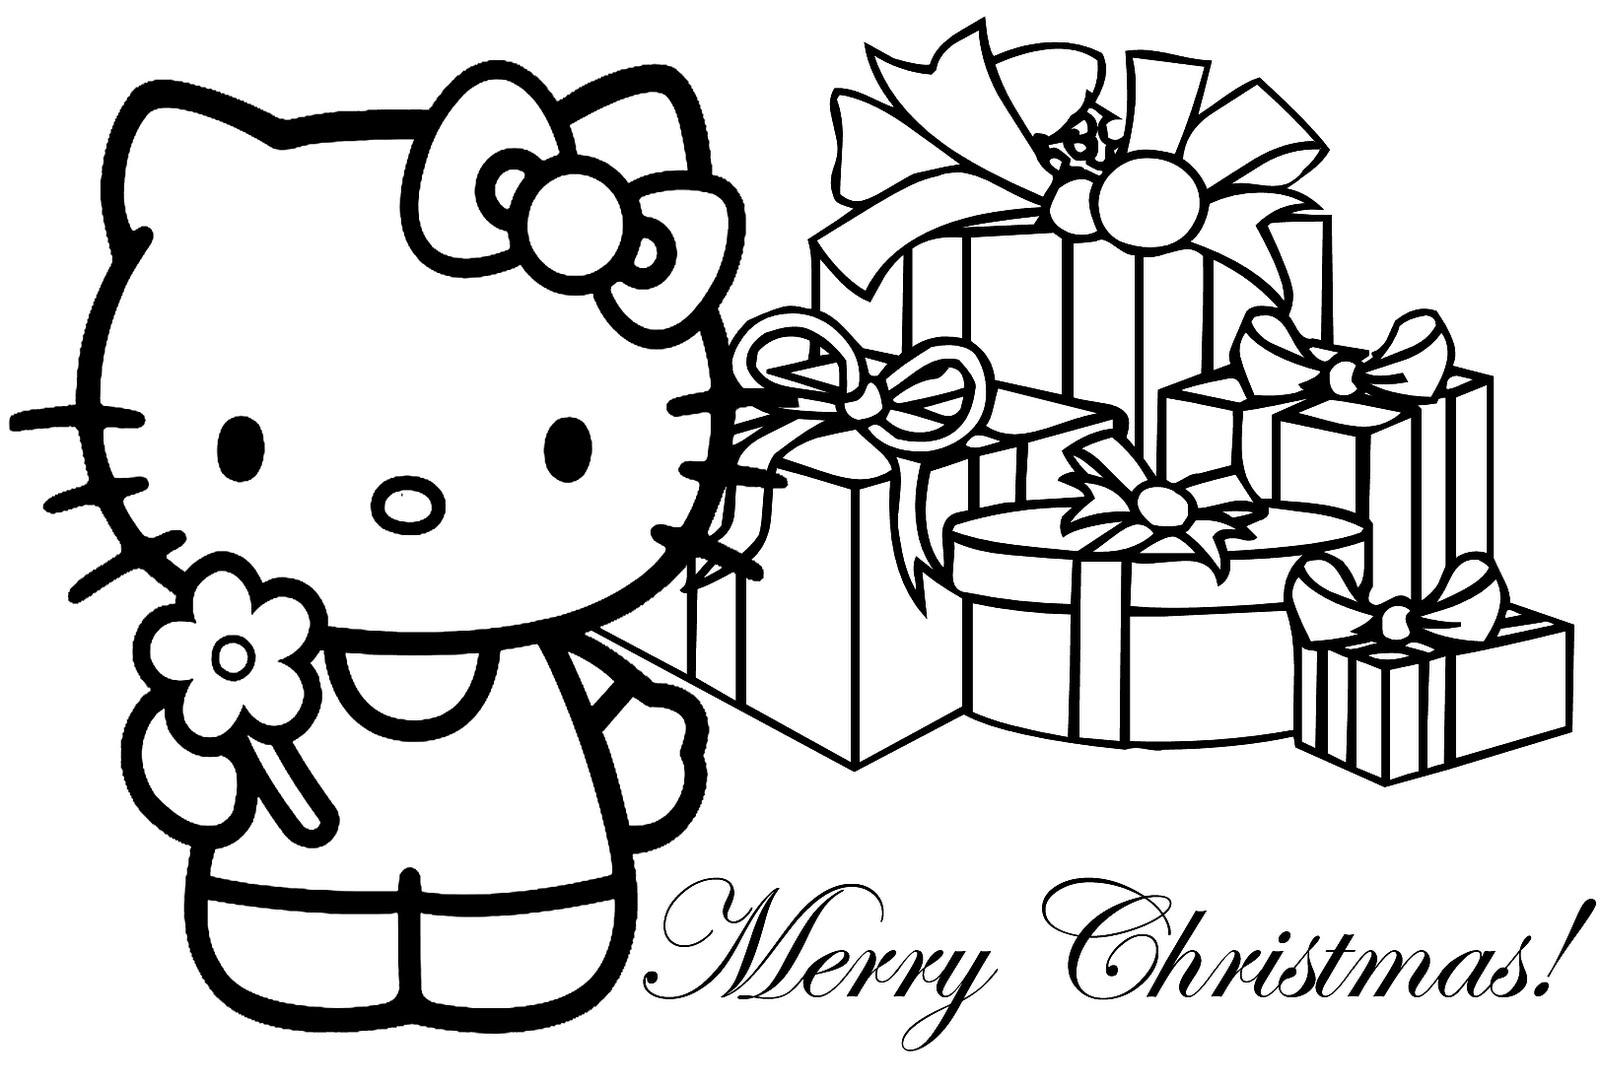 Coloriage hello kitty gratuit - dessin a imprimer #299